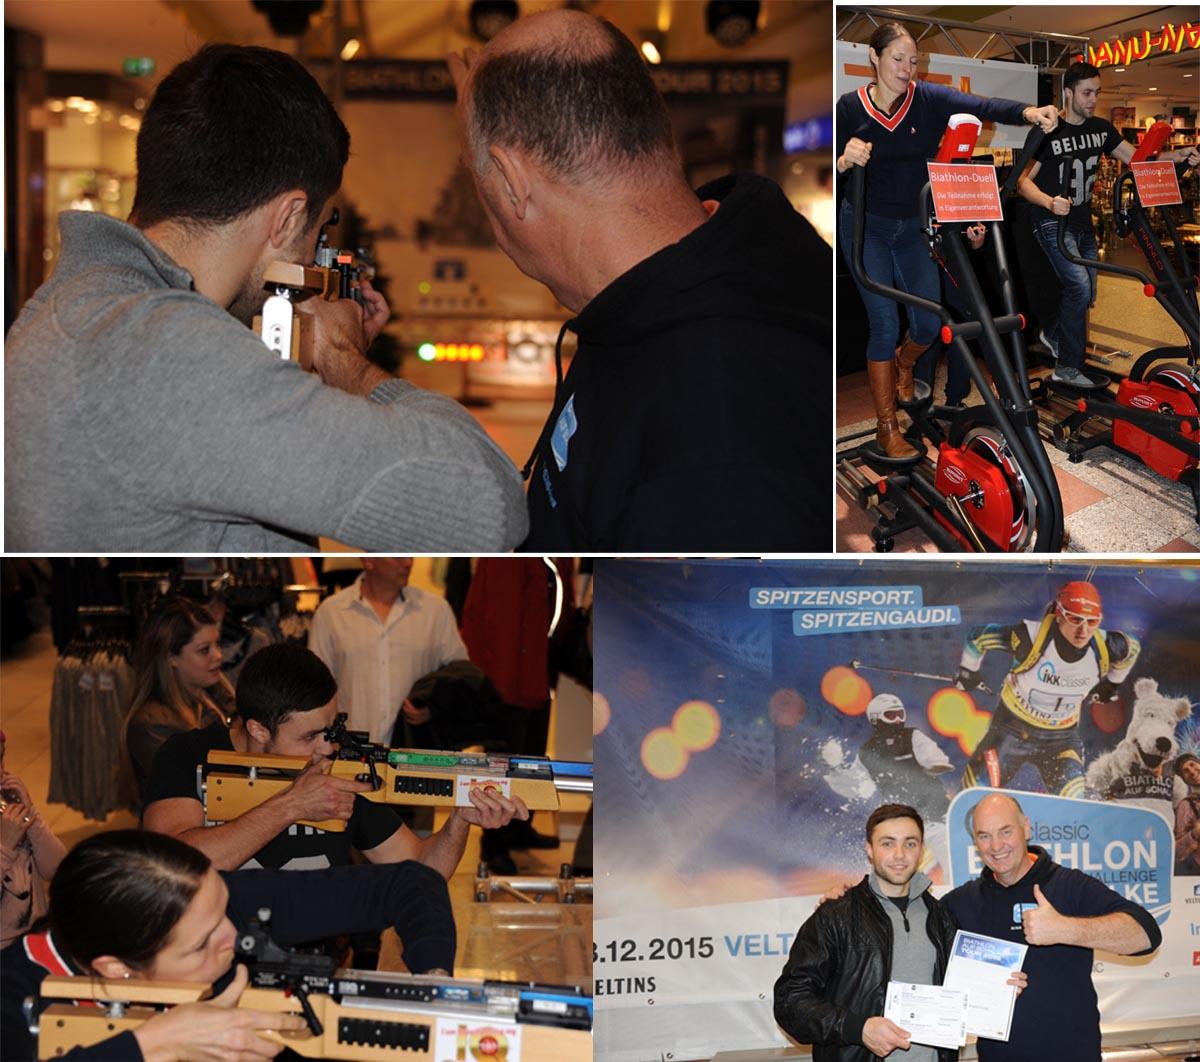 Bis 18 Uhr am Samstagabend hält sich Biathletin Lena Heere an der Etappenspitze und sieht schon wie die erste EtappensiegerIN der Biathlon auf Schalke-Tour aus, da kommt mit Nikolaj Plischke, dem Polizist in Ausbildung, noch der ehrgeizige Teilnehmer, der ihr im letzten Moment den Etappensieg entreisst. Nikolaj ist Kampfsportler und hatte bereits am Nachmittag ein bemerkenswert schnelles Crosstrainer-Rennen hingelegt, konnte jedoch seine guten Schießresultate unter Belastung nicht bestätigen. IQ-Entwickler Klaus Kremer, selbst erfahrener Wettkampfsportschütze, riet dem jungen Polizist zu einer biathlonspezifischen Schießhaltung. Es spricht für den 23. Jährigen, dass er die Empfehlung gleich zu seinem Vorteil nutzen kann. Nach einem furiosen 200 m Crosstrainerlauf in 73 Sekunden lässt er sich vor dem ersten Schuss noch eine kleine Verschnaufpause und legt dann ein souveränes Schießergebnis hin. 2:01 Minuten und 5 Treffer machen ihn zum Sieger der dez-Etappe. Gemeinsam mit Freundin Kimberly freut sich Nikolaj bereits auf das Finale am 28.12. in der Veltinsarena. Und wir freuen uns auf die beiden sympathischen Kasselaner!